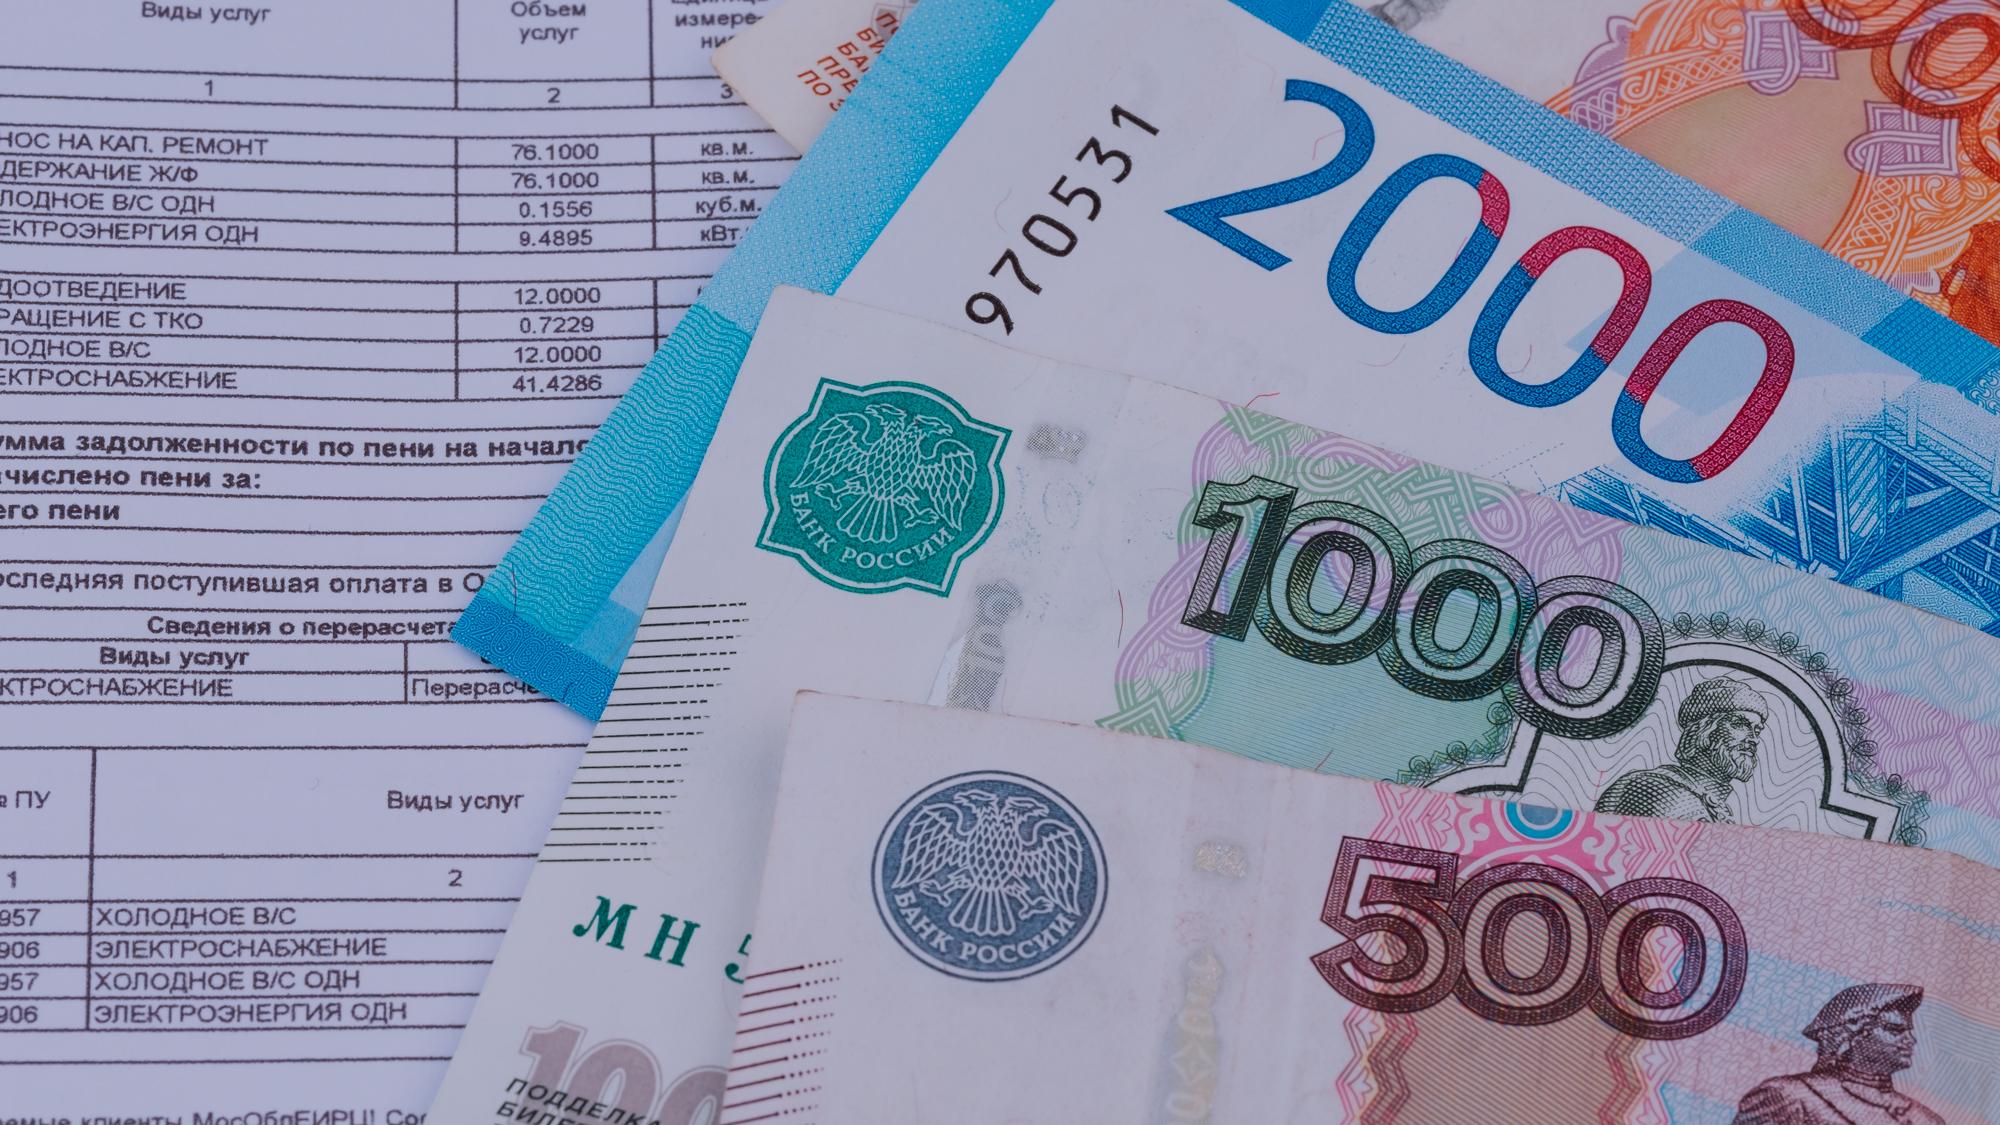 Счётчики, штрафы и компенсации. С 1 января меняется порядок оплаты услуг ЖКХ